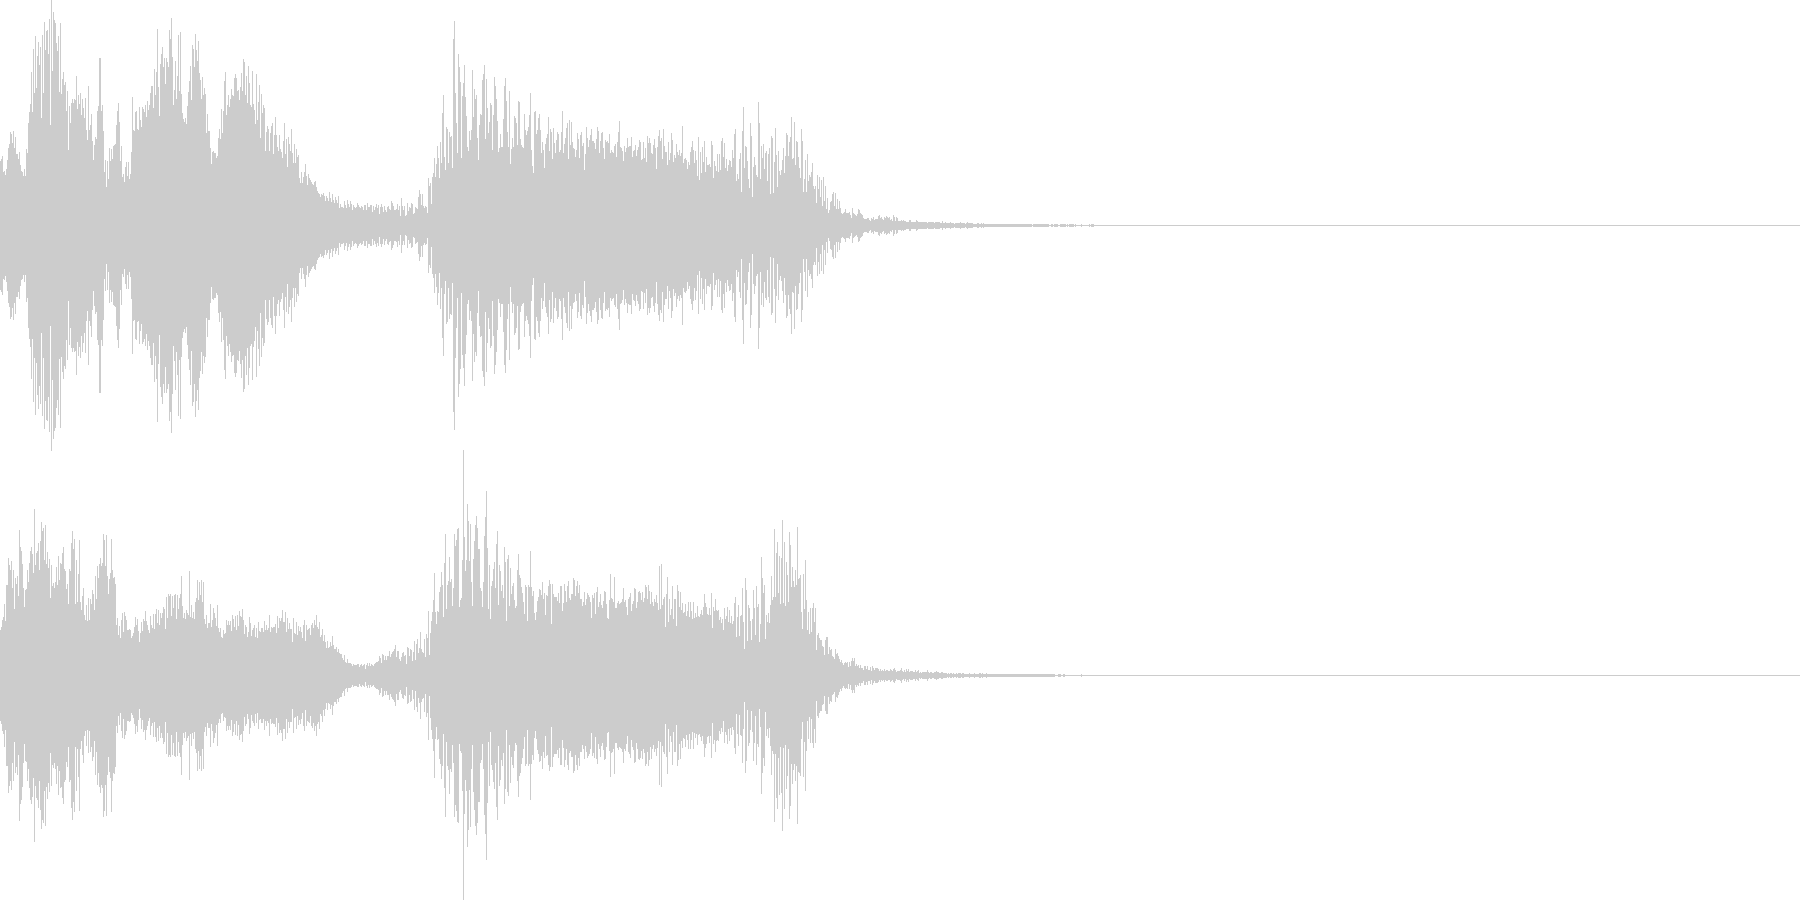 ハッピーニューイヤー ボイス&DJロゴ1の未再生の波形